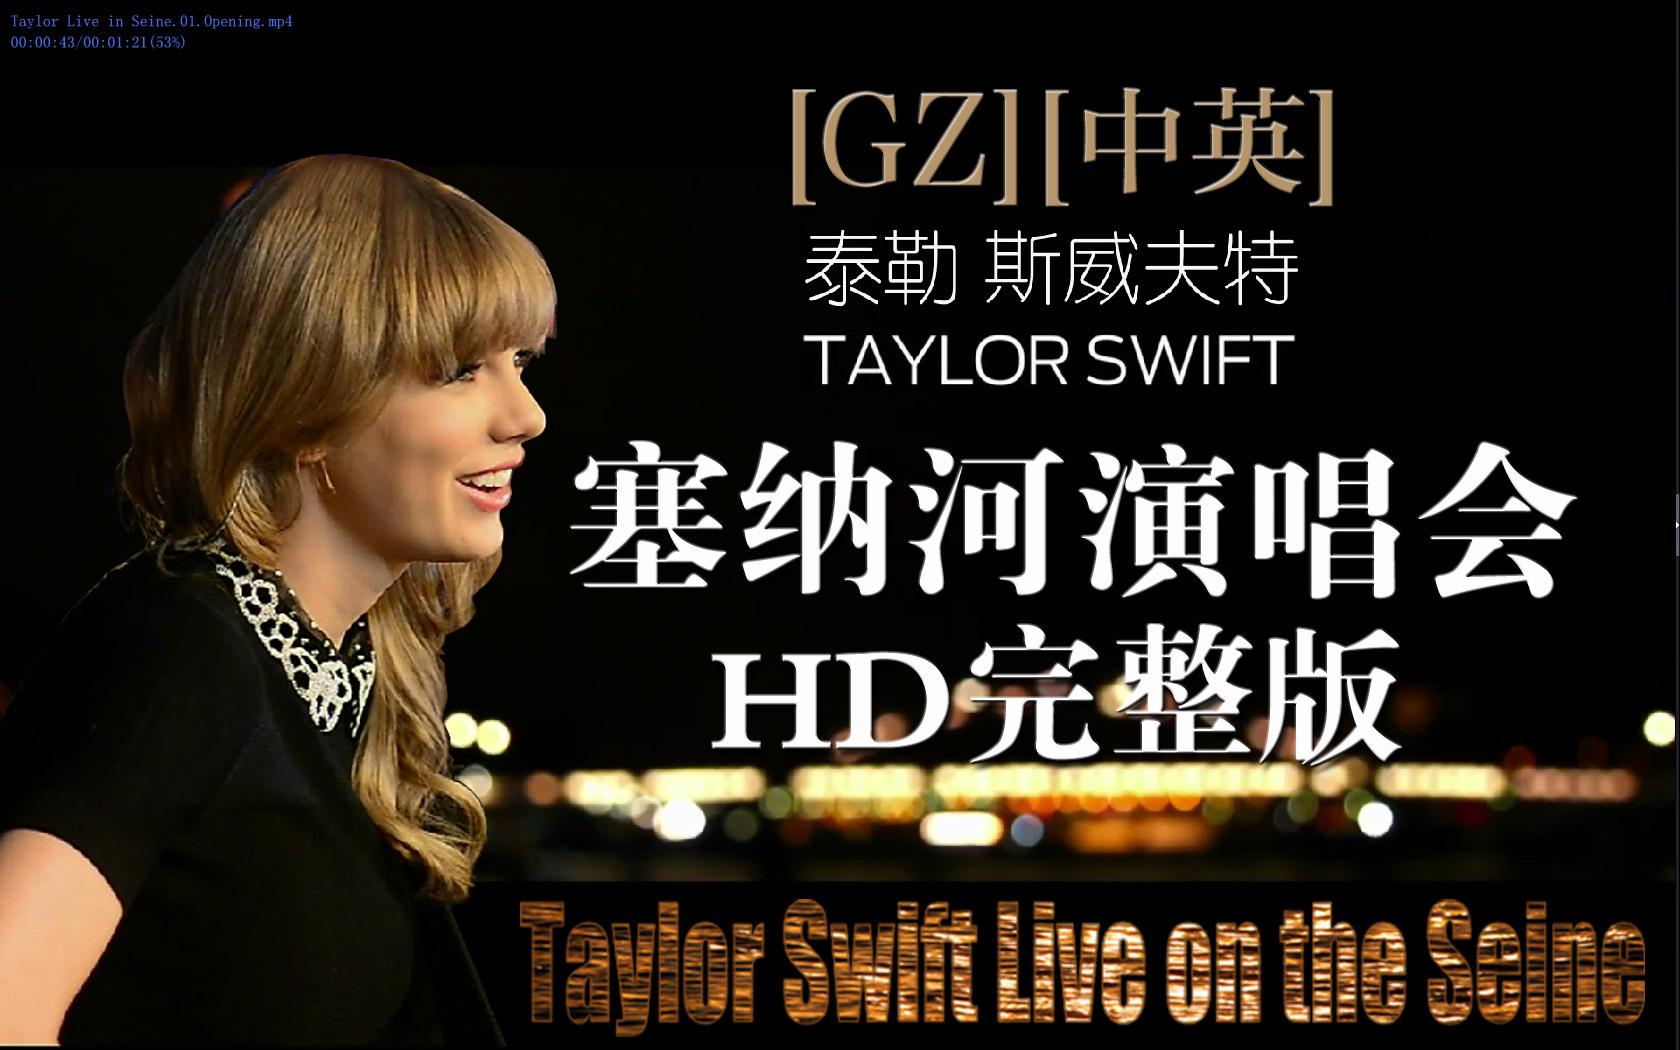 taylorswift演唱会_[GZ][中法英]Taylor Swift.泰勒斯威夫特.Live in Seine.塞纳河演唱会HD完 ...